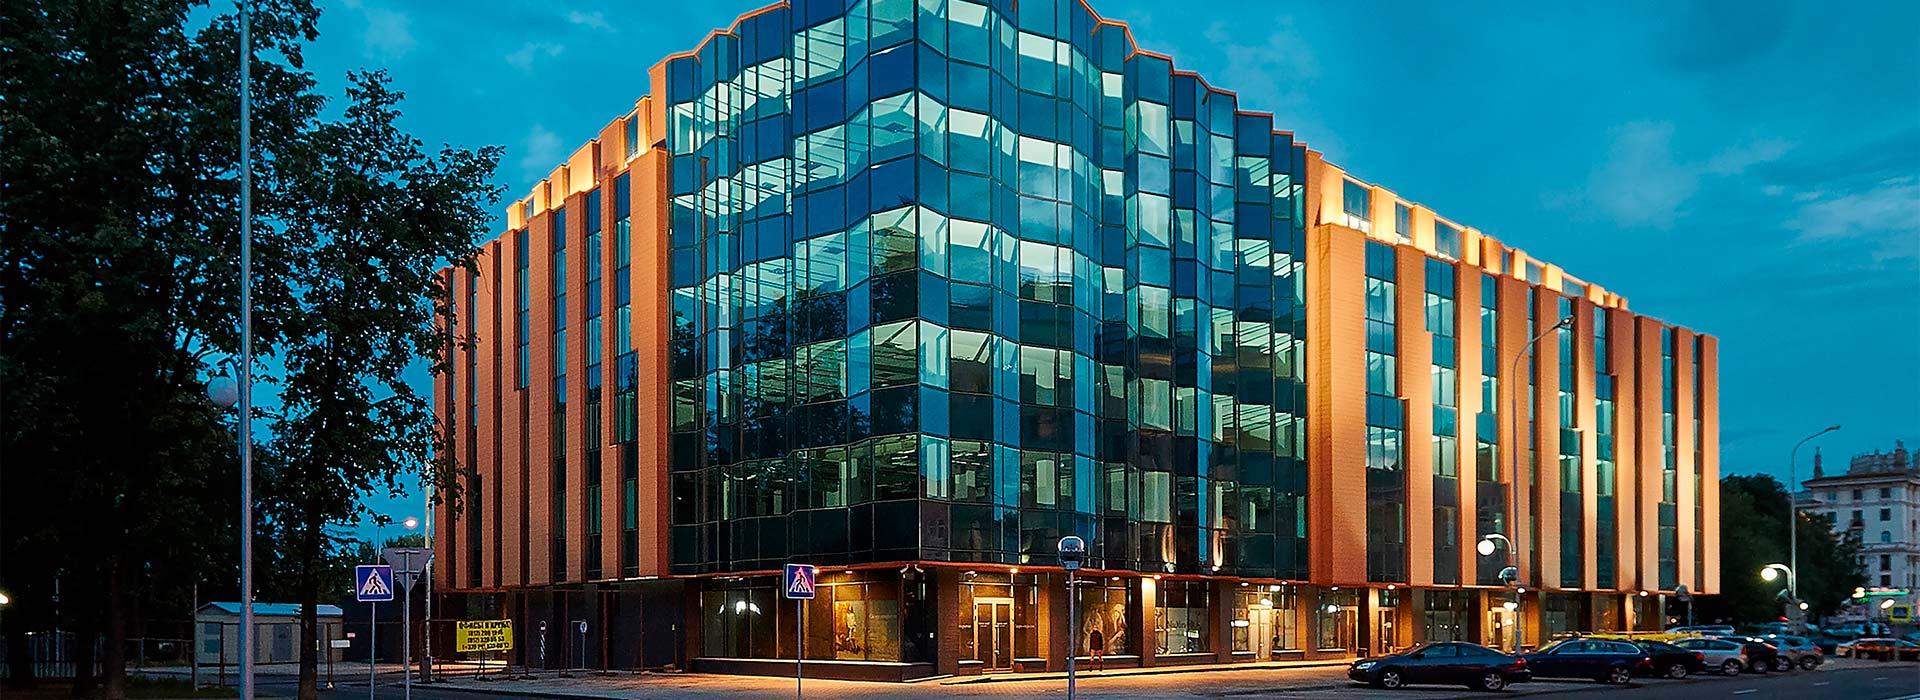 Фасадное освещение любого здания и сооружения. Архитектурные светильники любой мощности, цветности и назначения. Реализуем любой проект. Звоните нам!